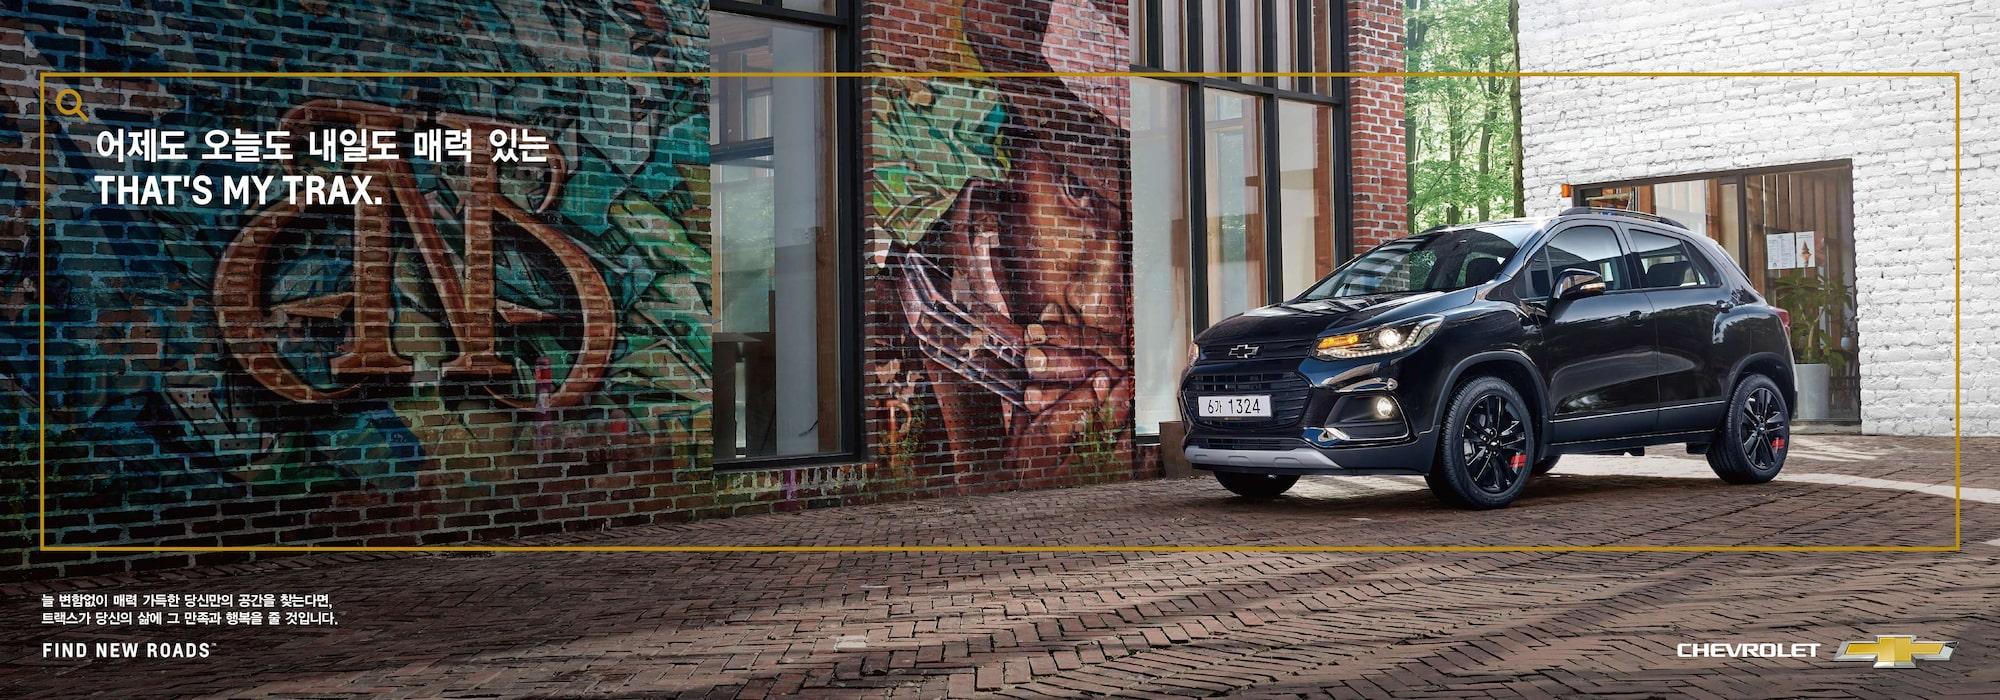 트랙스 카탈로그 E Catalog 쉐보레 Chevrolet 공식 웹사이트